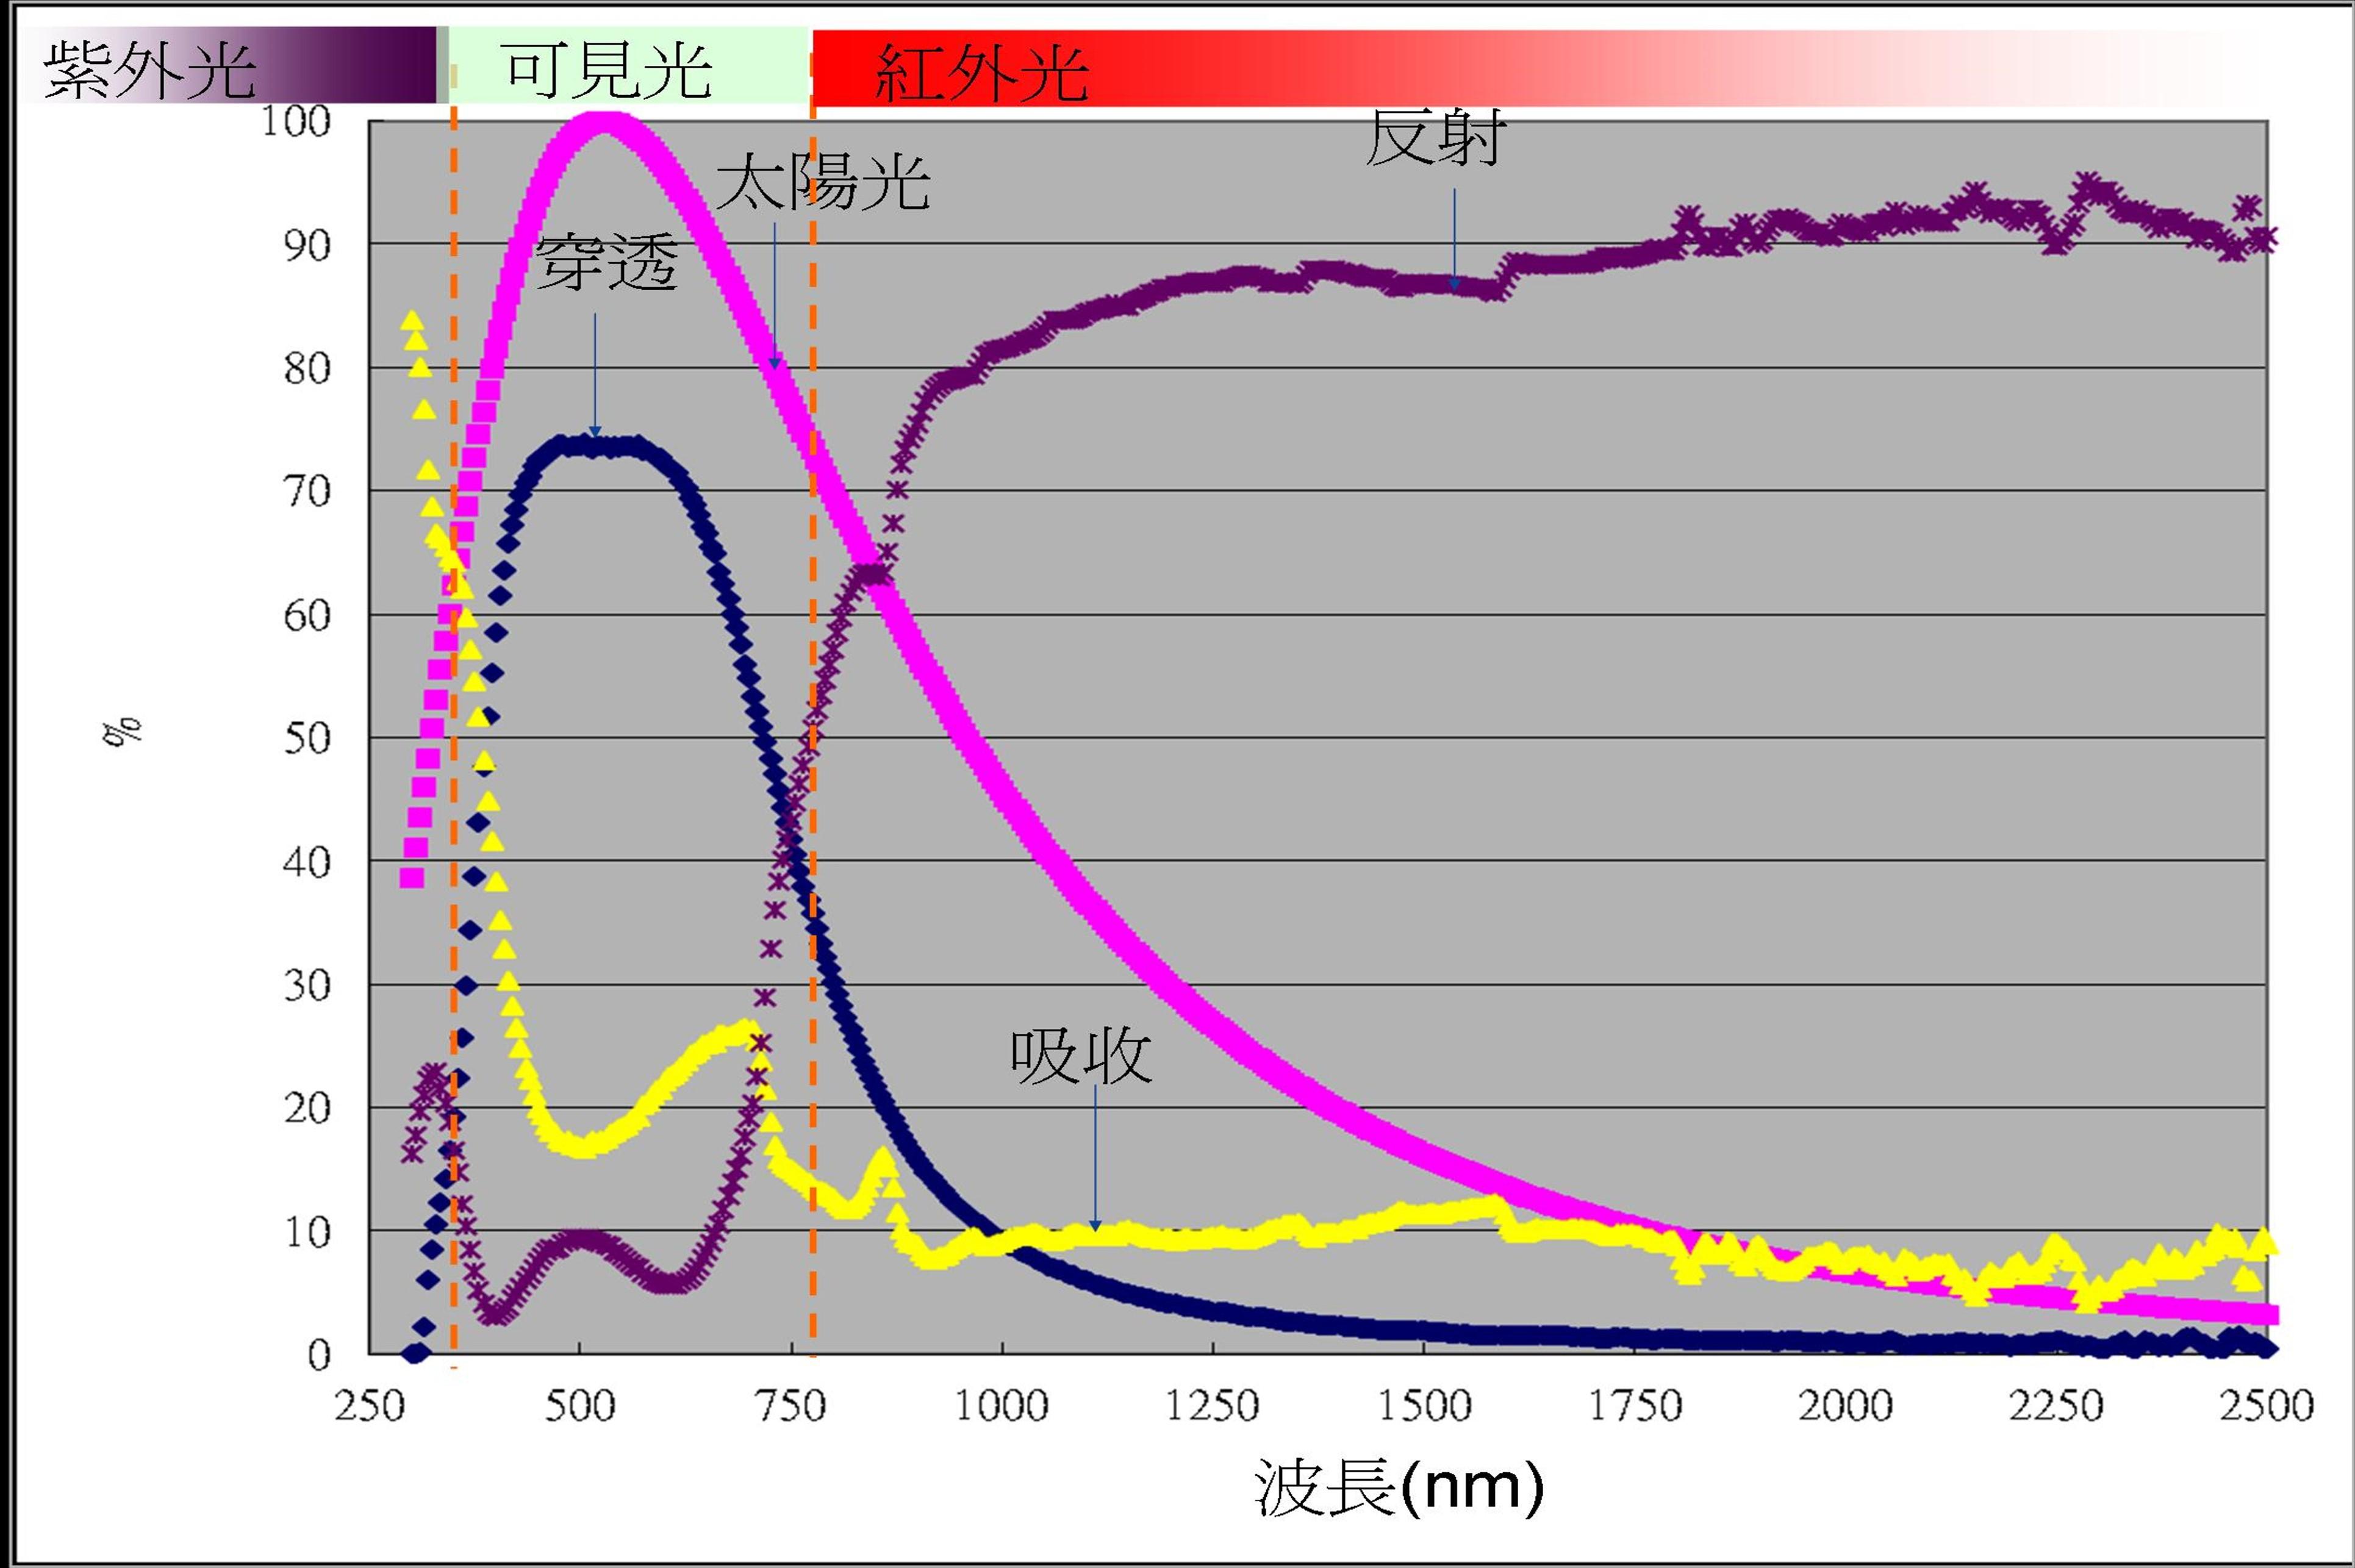 團隊開發的高階低熱輻射率隔熱節能膜光譜圖